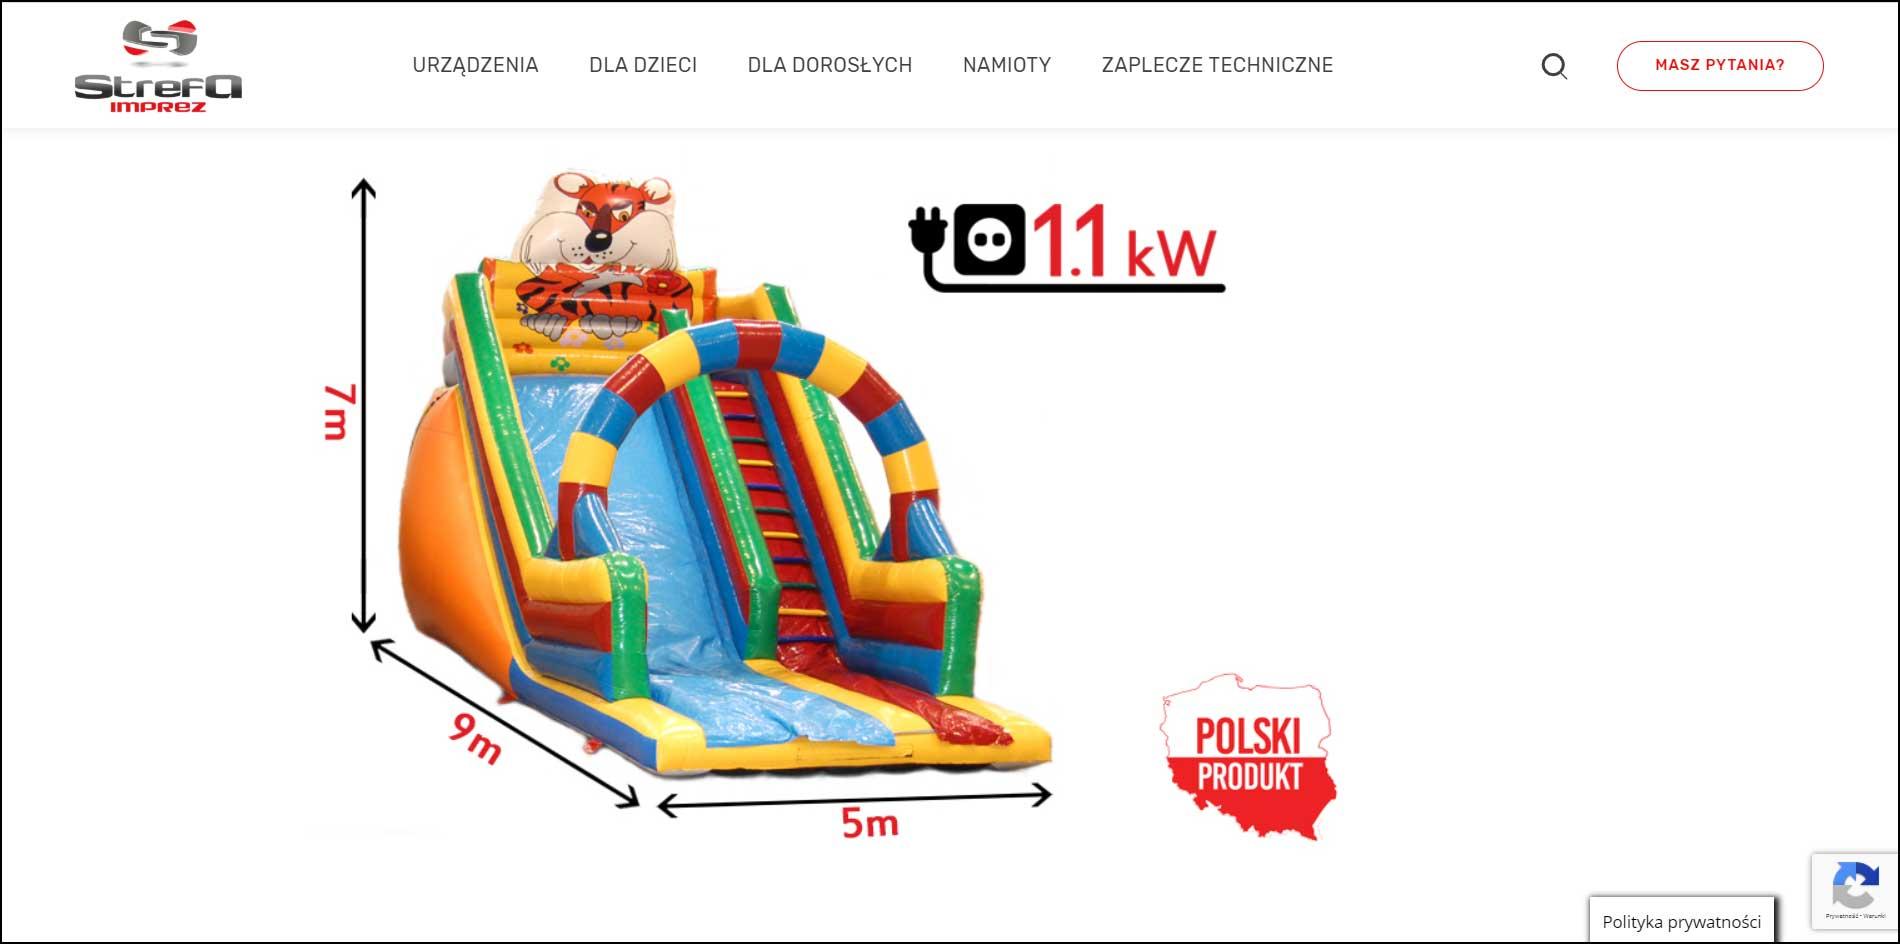 www.evion.pl-tanie-strony-www-Białystok-strony-internetowe-Białystok-tworzenie-stron-Białystok-niedrogie-strony-www-sklepy-internetowe-Białystok-serwisy-Białystok-agencja-reklamowa-Białystok3